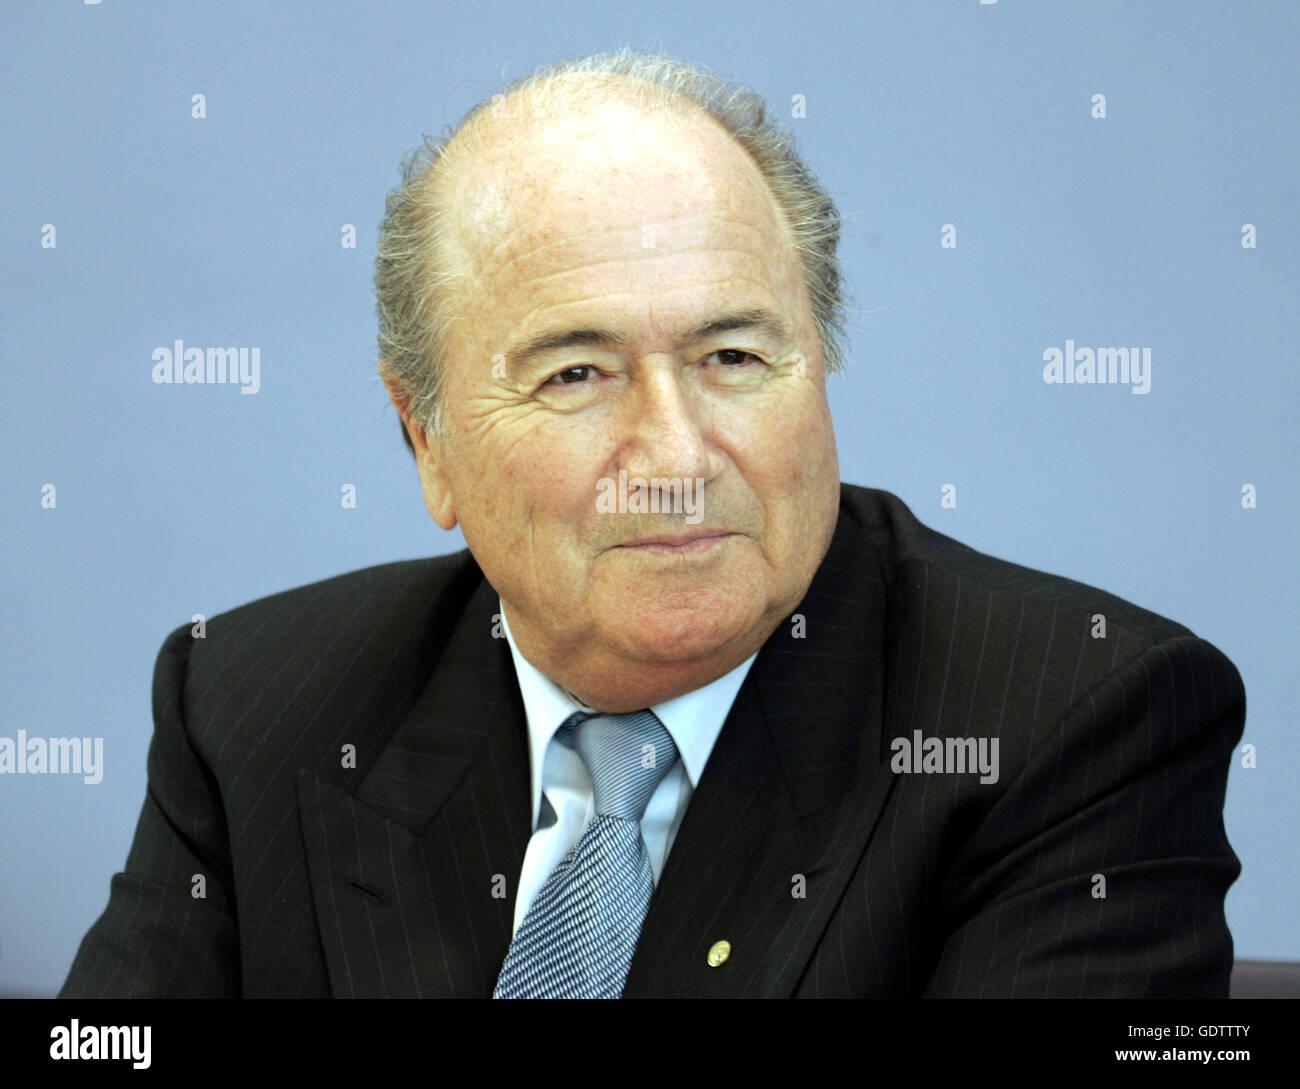 FIFA President Blatter - Stock Image